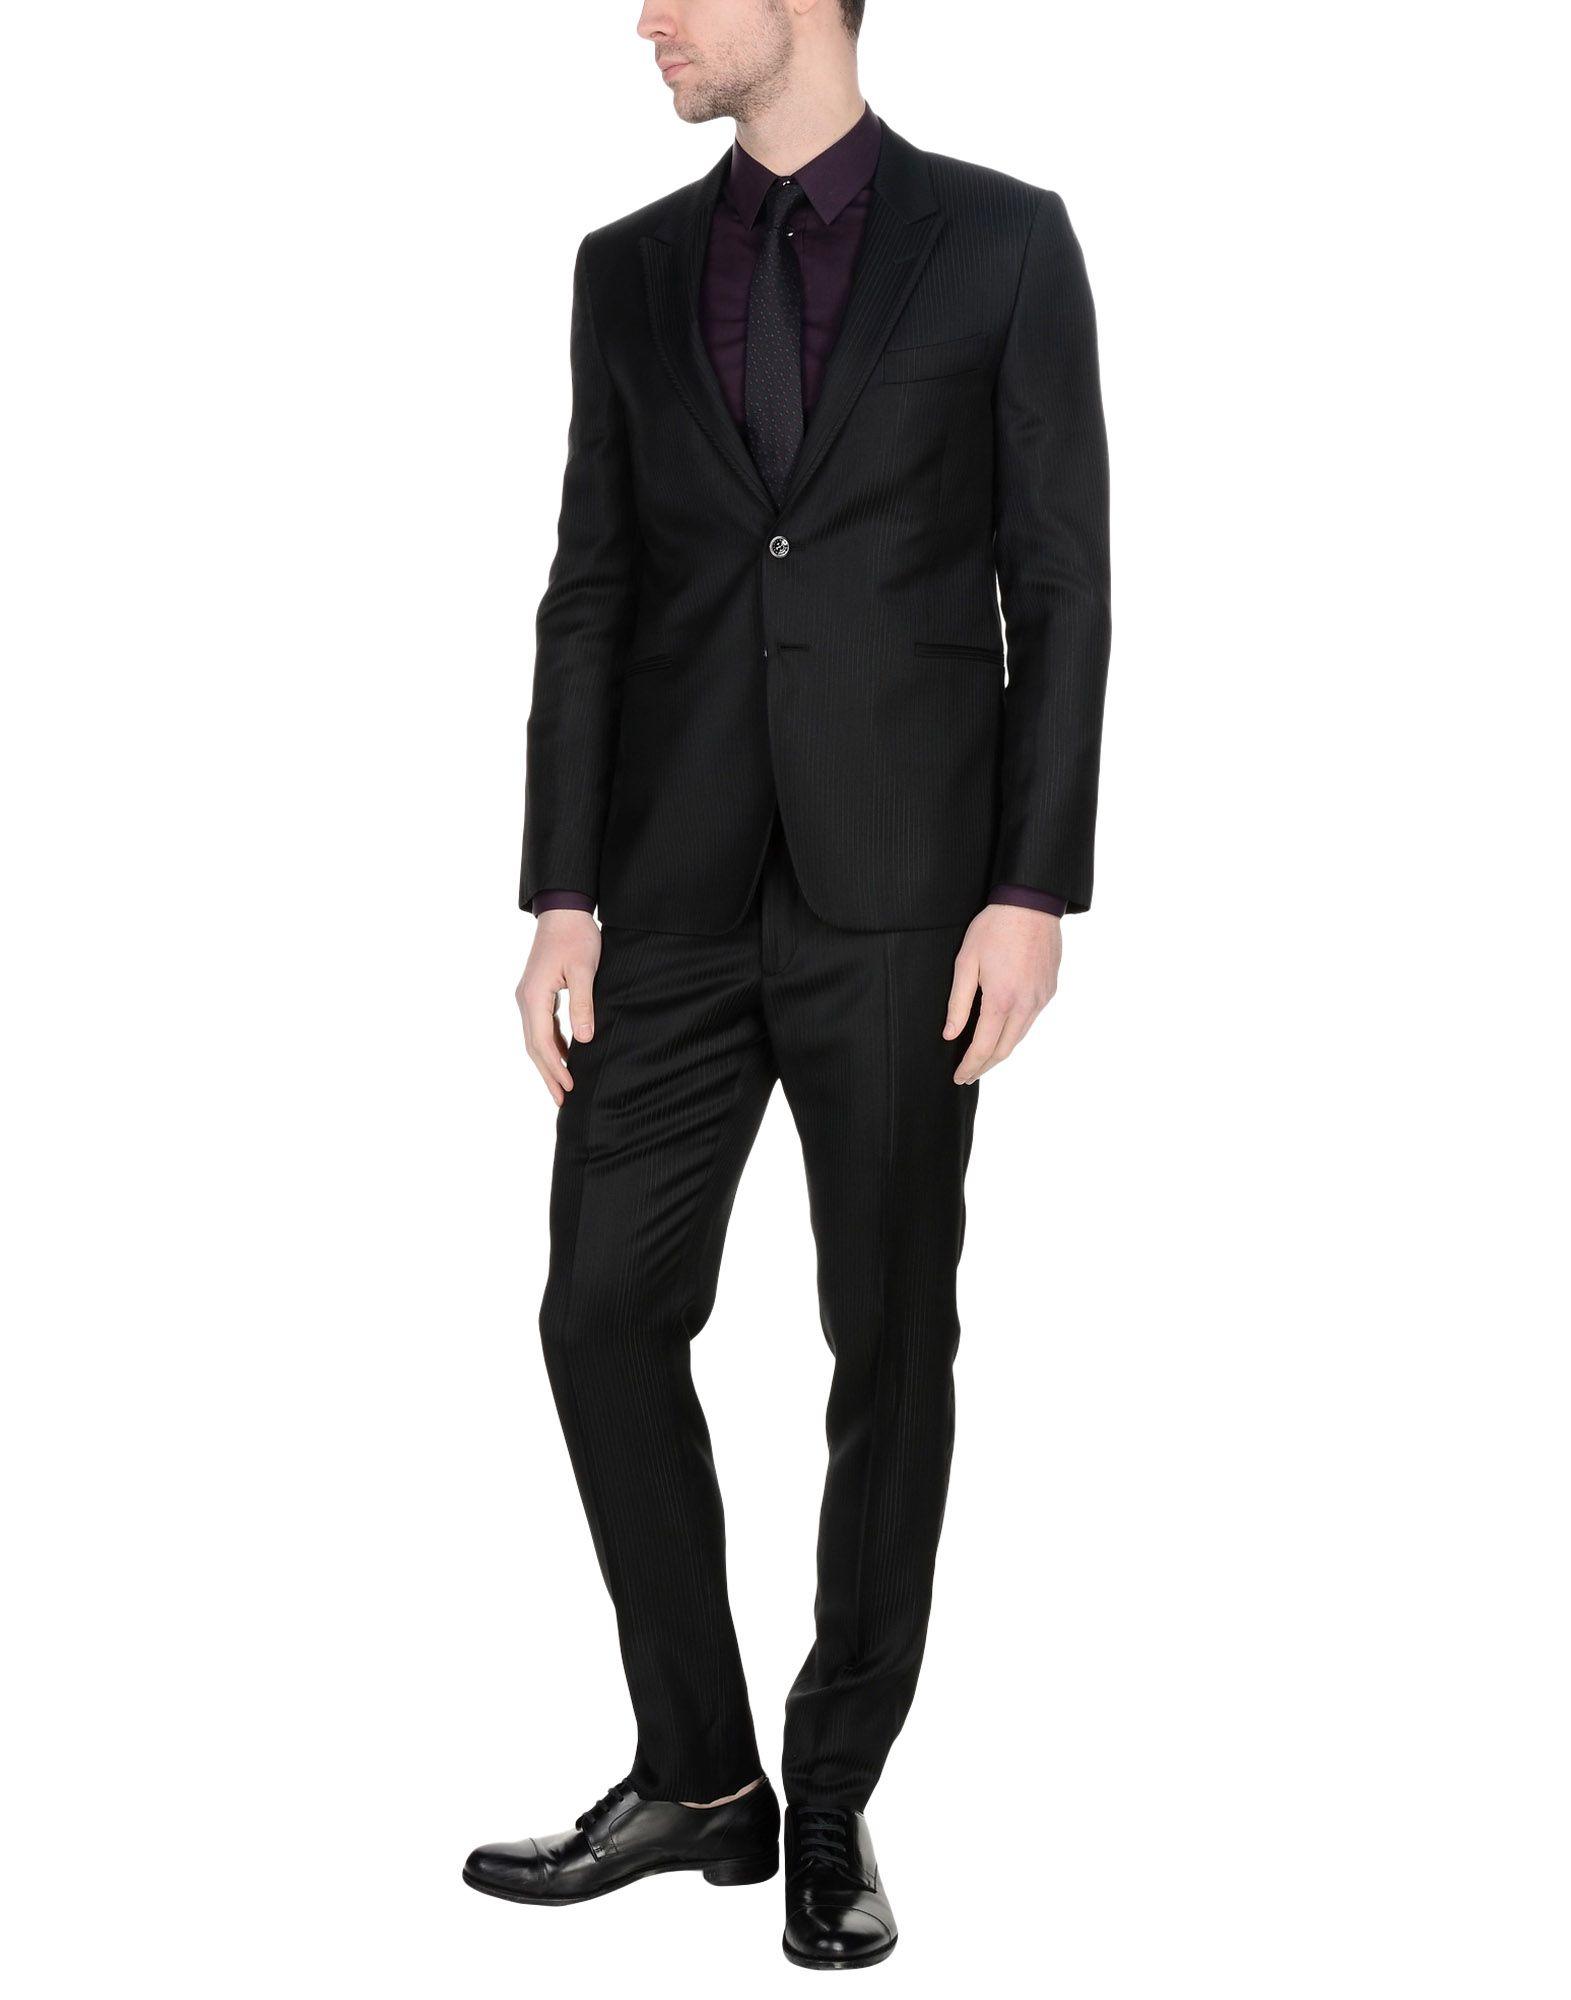 CARLO PIGNATELLI Suits in Black